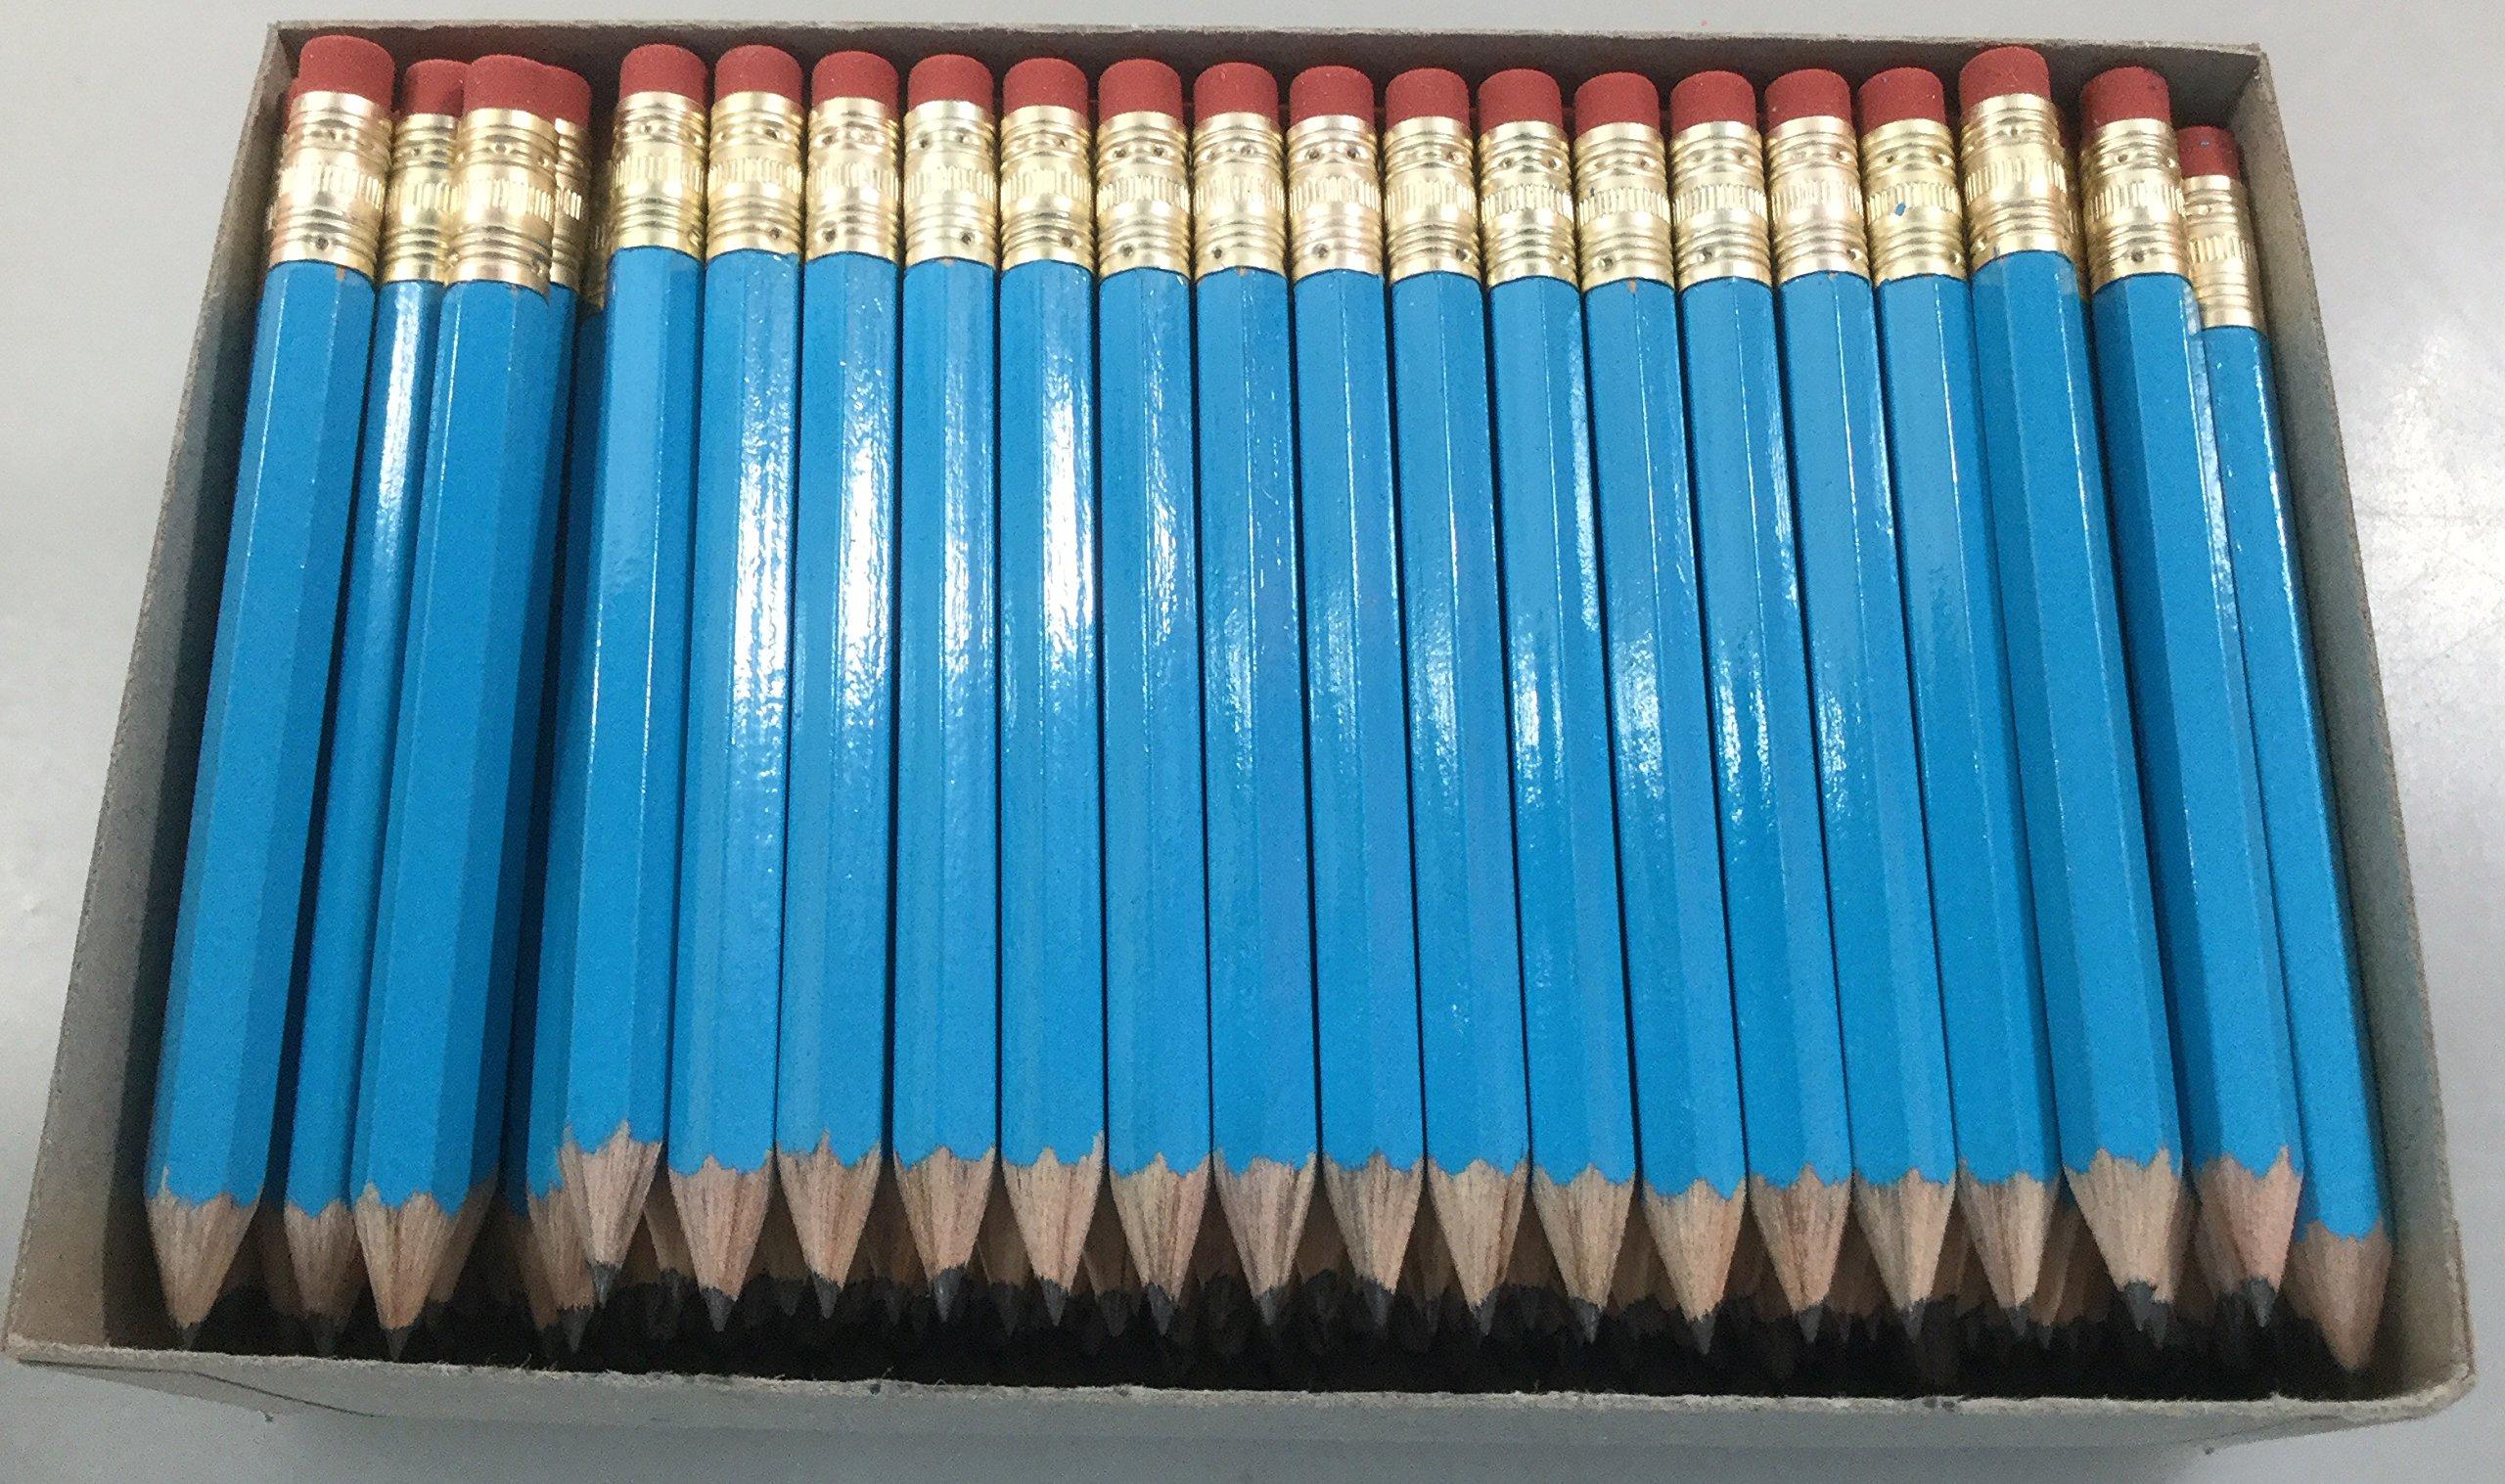 144 Lapices de bolsillo #2 con goma color azul